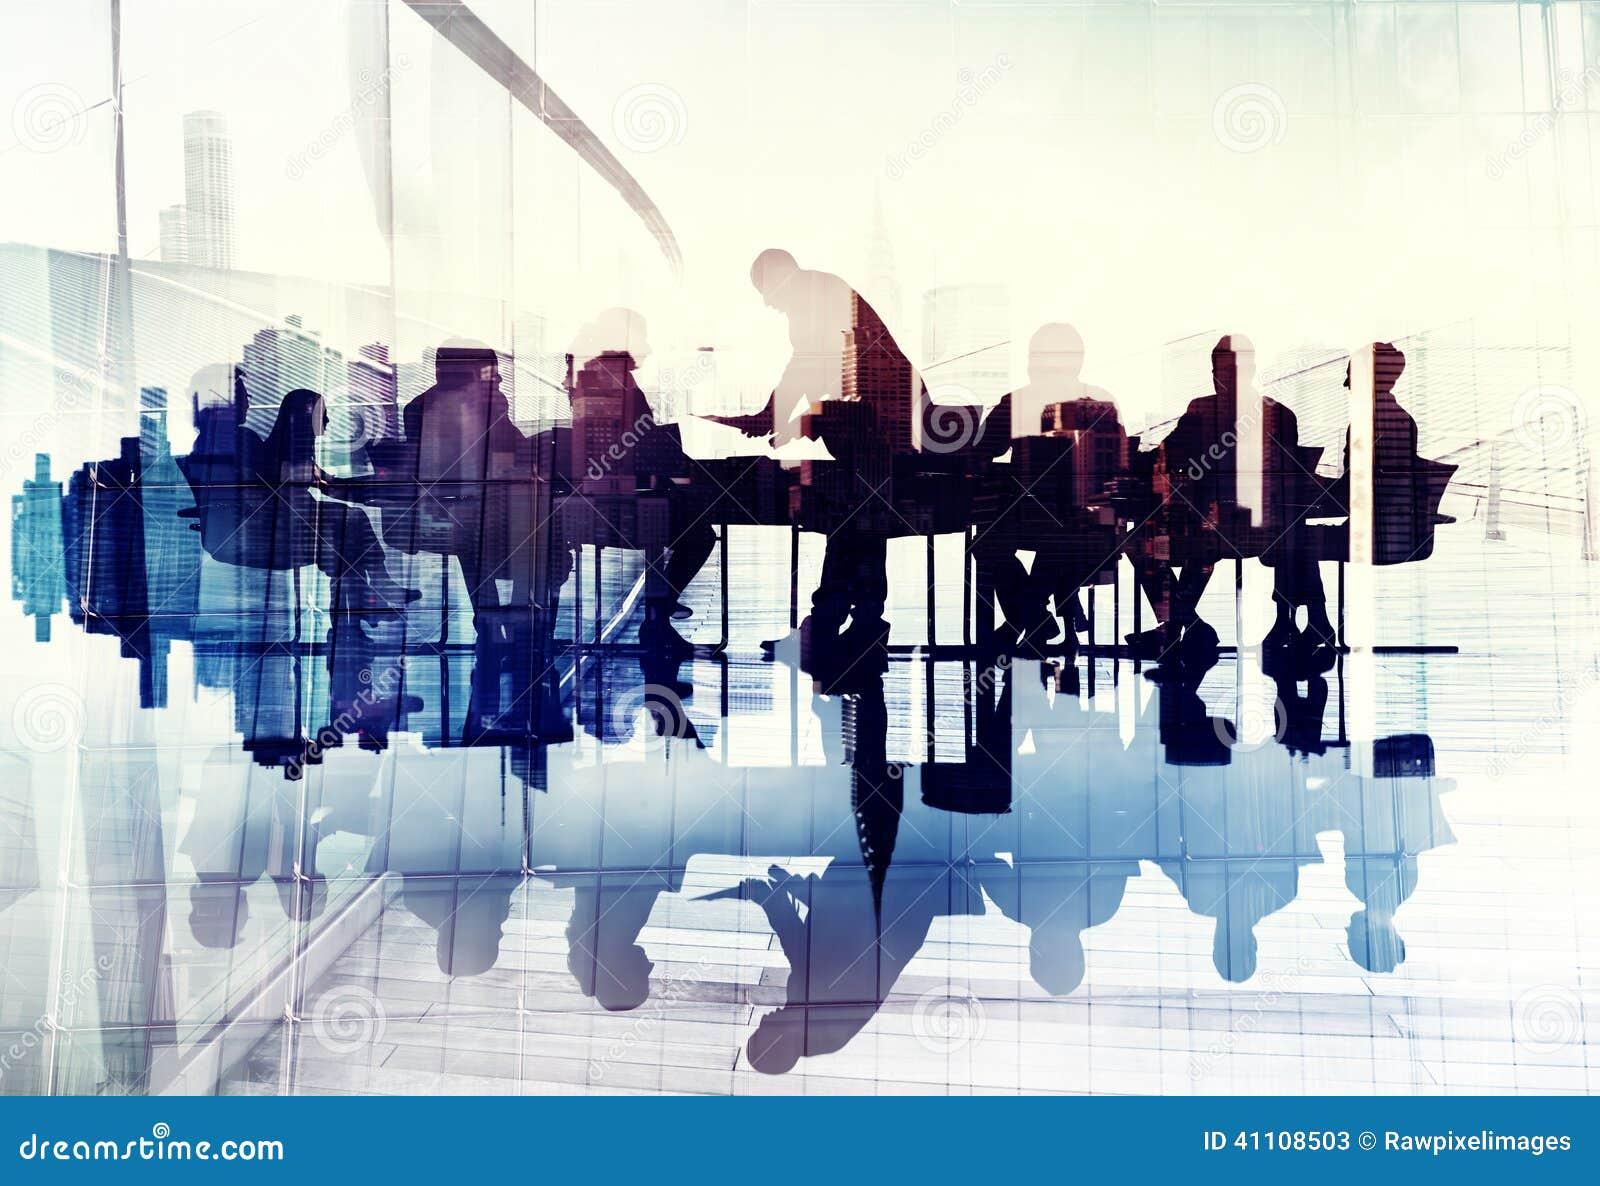 Abstrakt bild av konturer för affärsfolk i ett möte